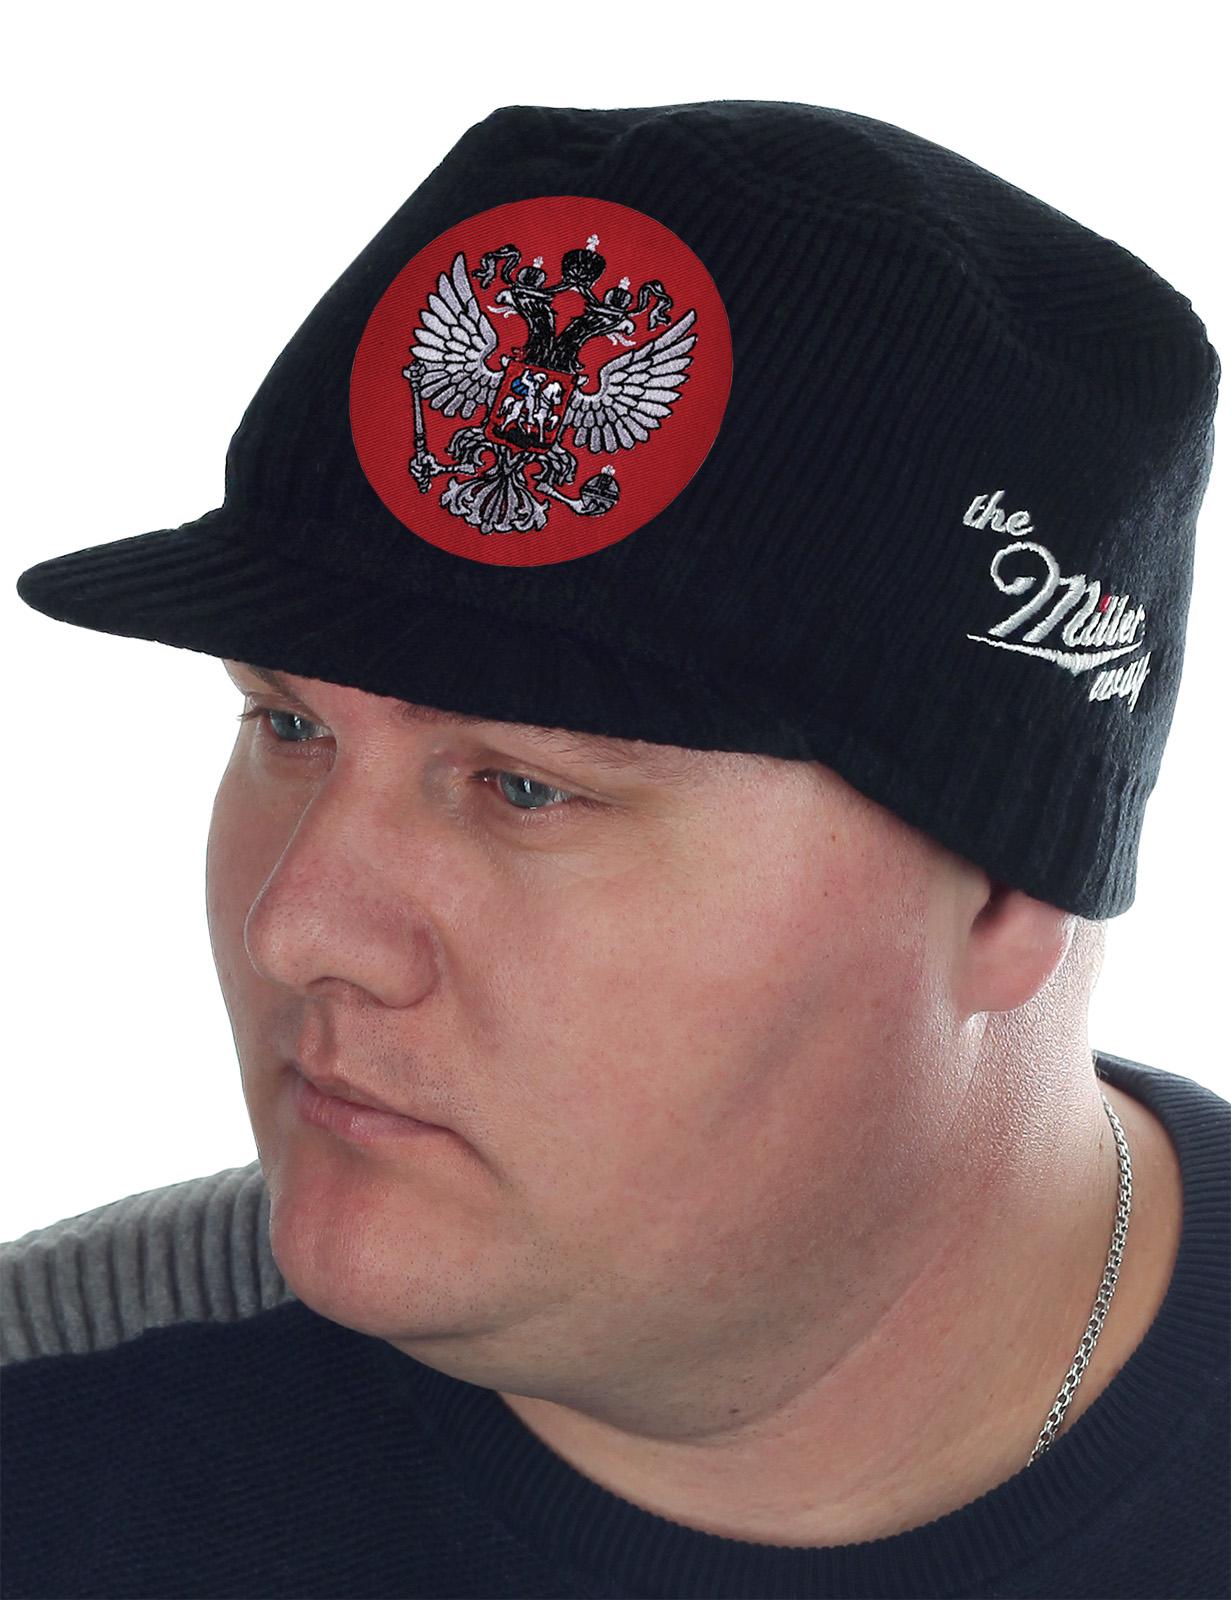 ПАТРИОТ! Специально для тебя! Утепленная вязаная шапка-кепка от ТМ Miller Way с главным символом нашей страны – Двуглавым орлом. Симметричный крой, мужские цвета, СУПЕР цена